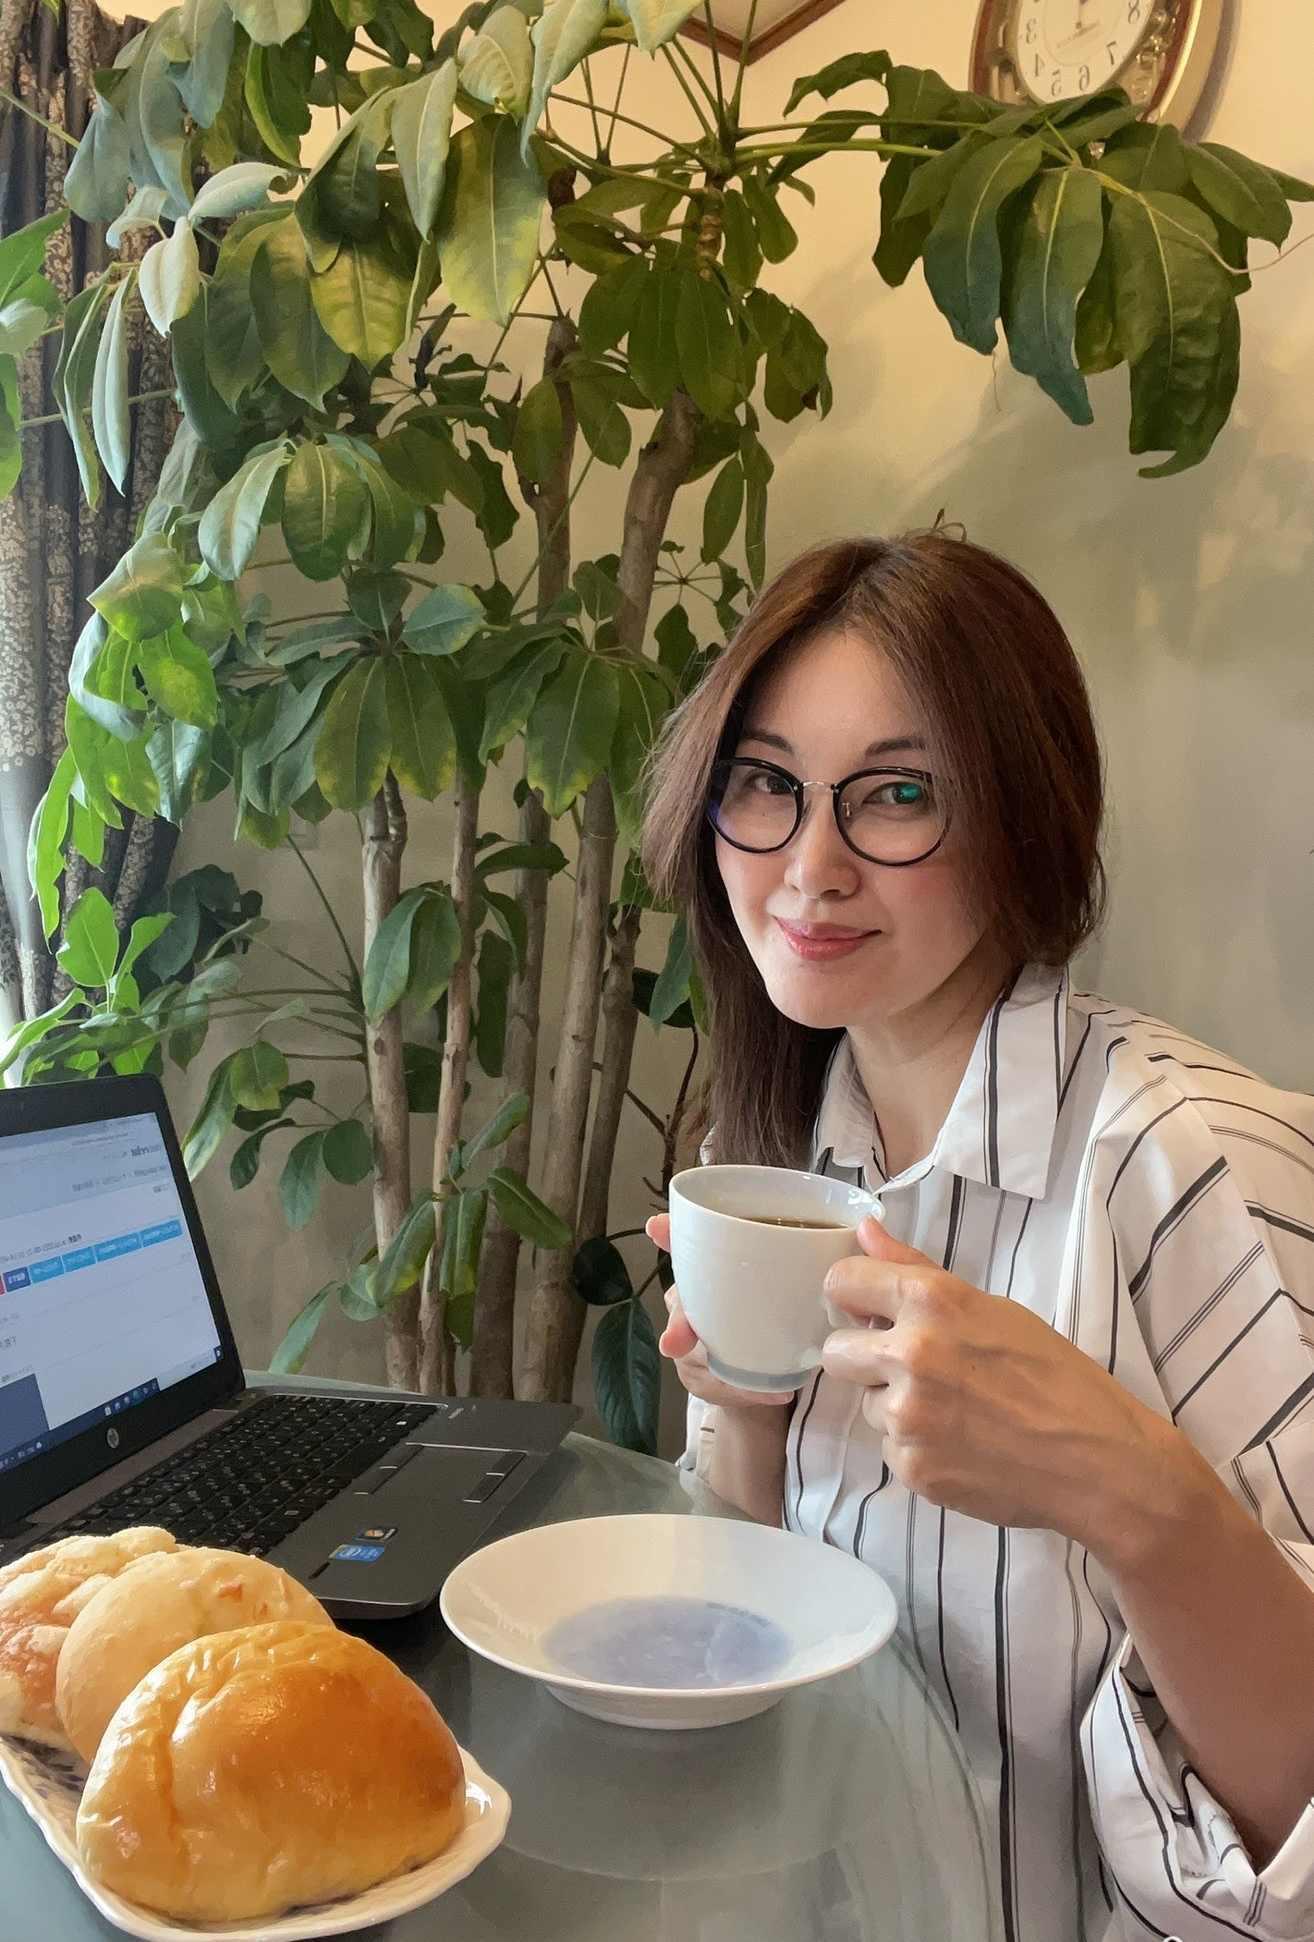 パソコン前 コーヒーカップを持つ女性